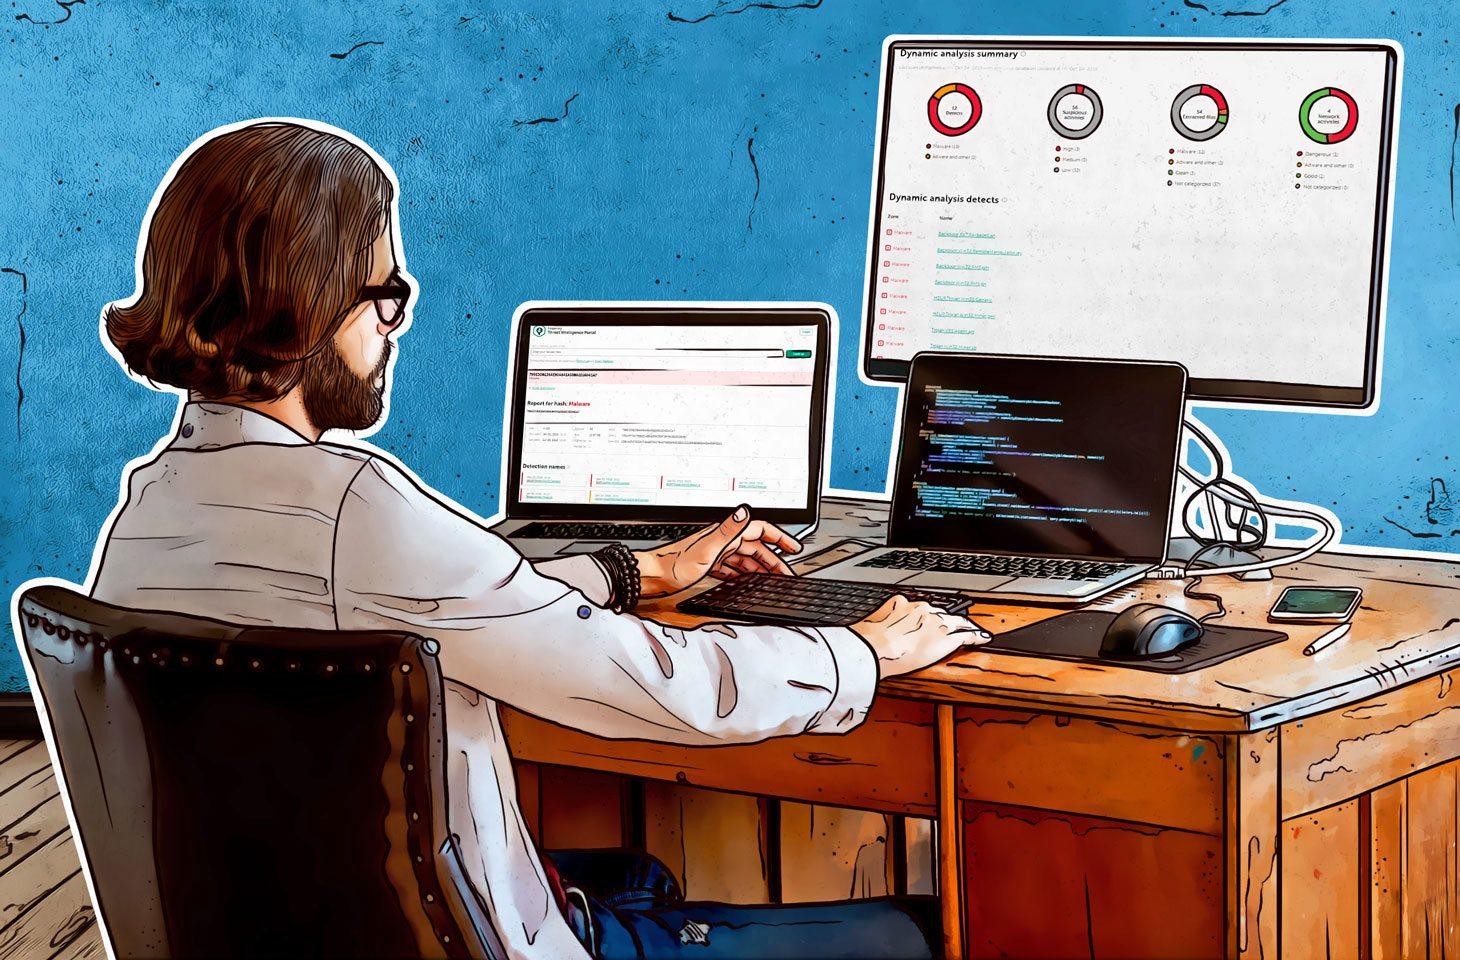 Nuevo servicio brinda análisis y conocimiento de expertos en ciberseguridad bajo demanda | Blog oficial de Kaspersky